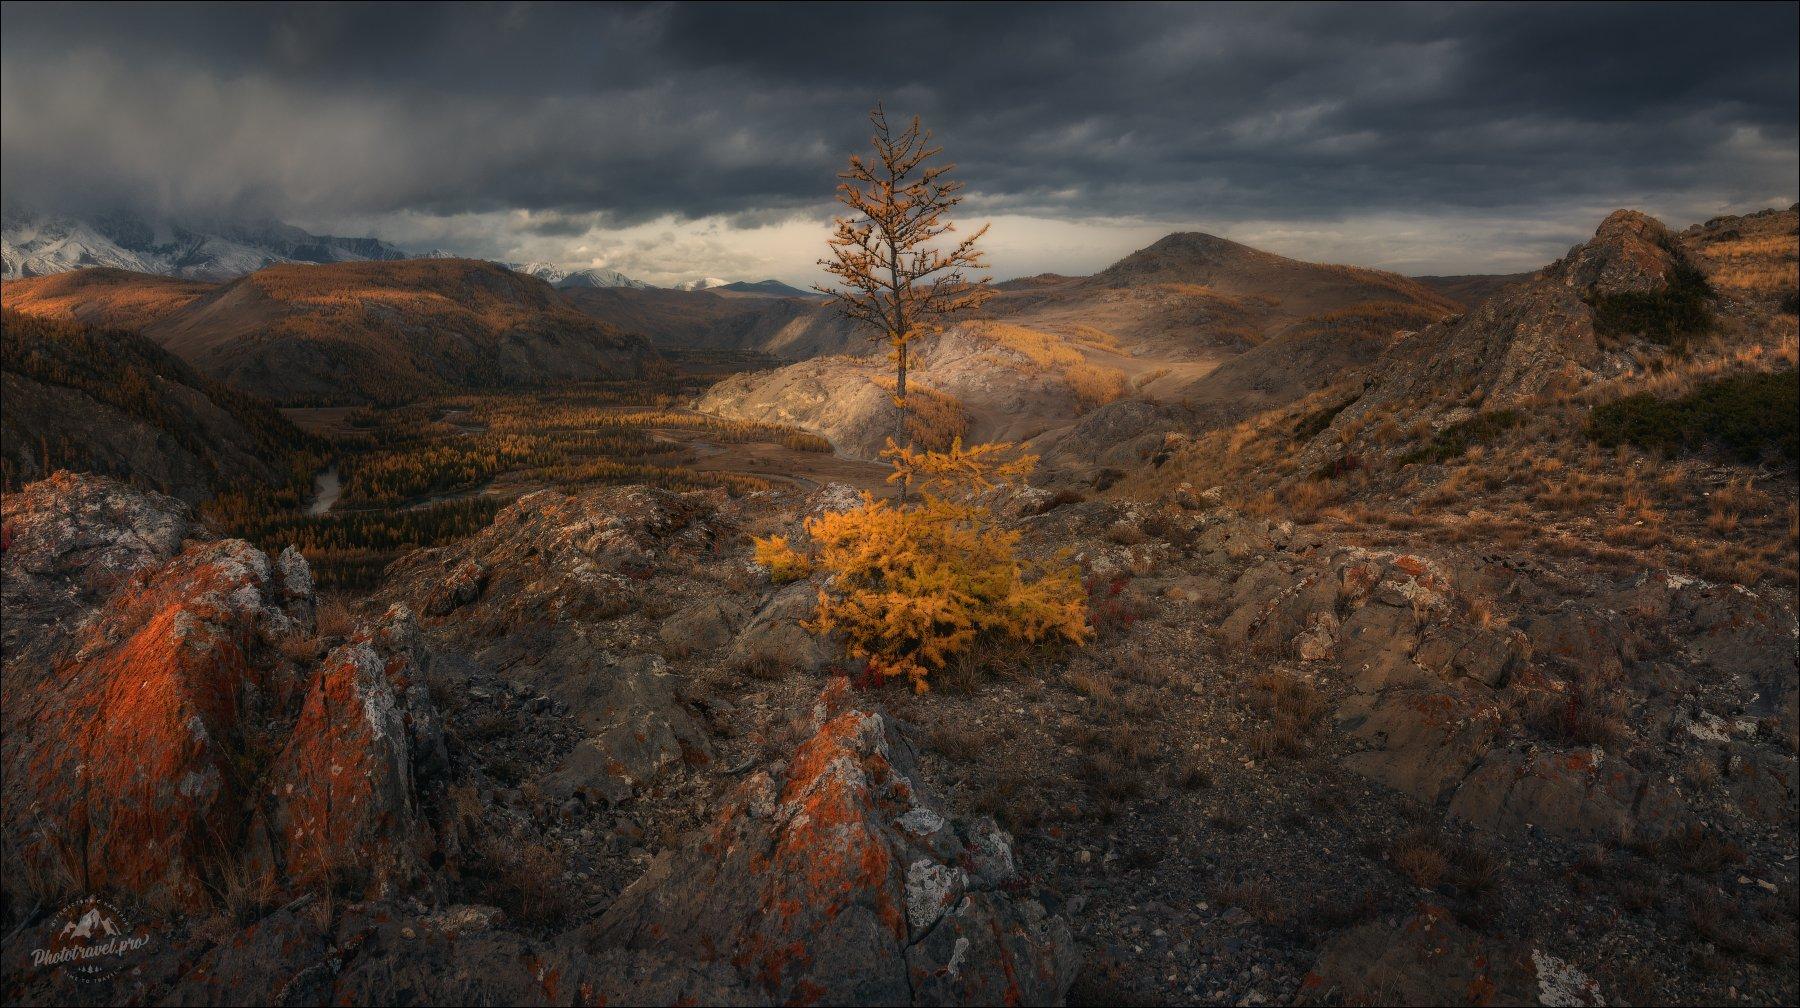 алтай, курай, курайская степь, северо-чуйский хребет, курайский хребет, урочище таджилу, Влад Соколовский